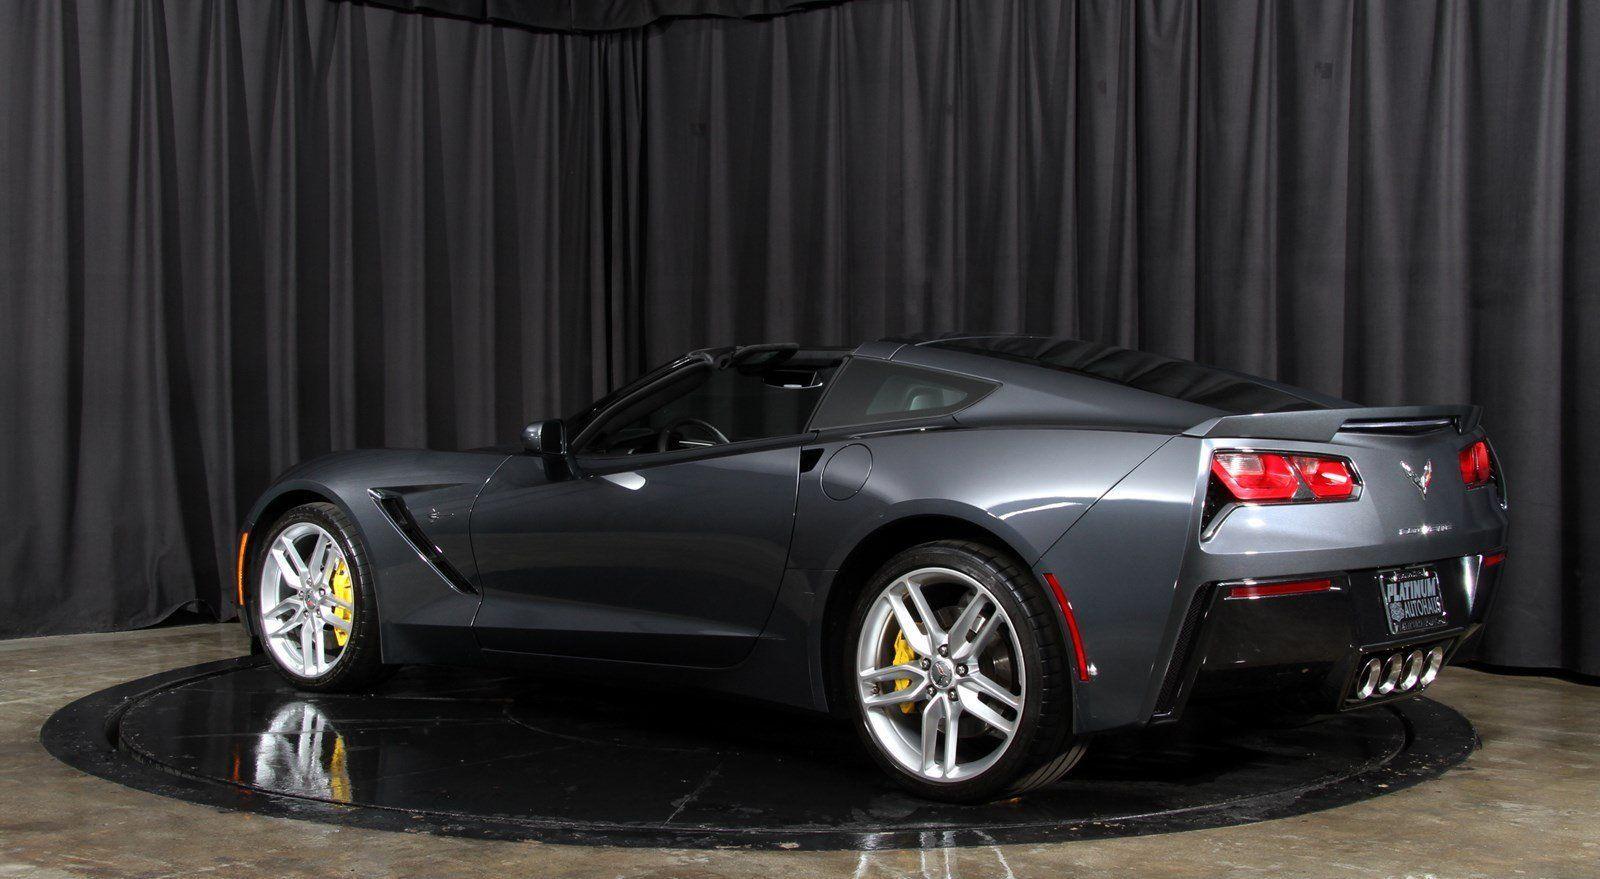 Chevrolet Corvette Stingray With Images Chevrolet Corvette